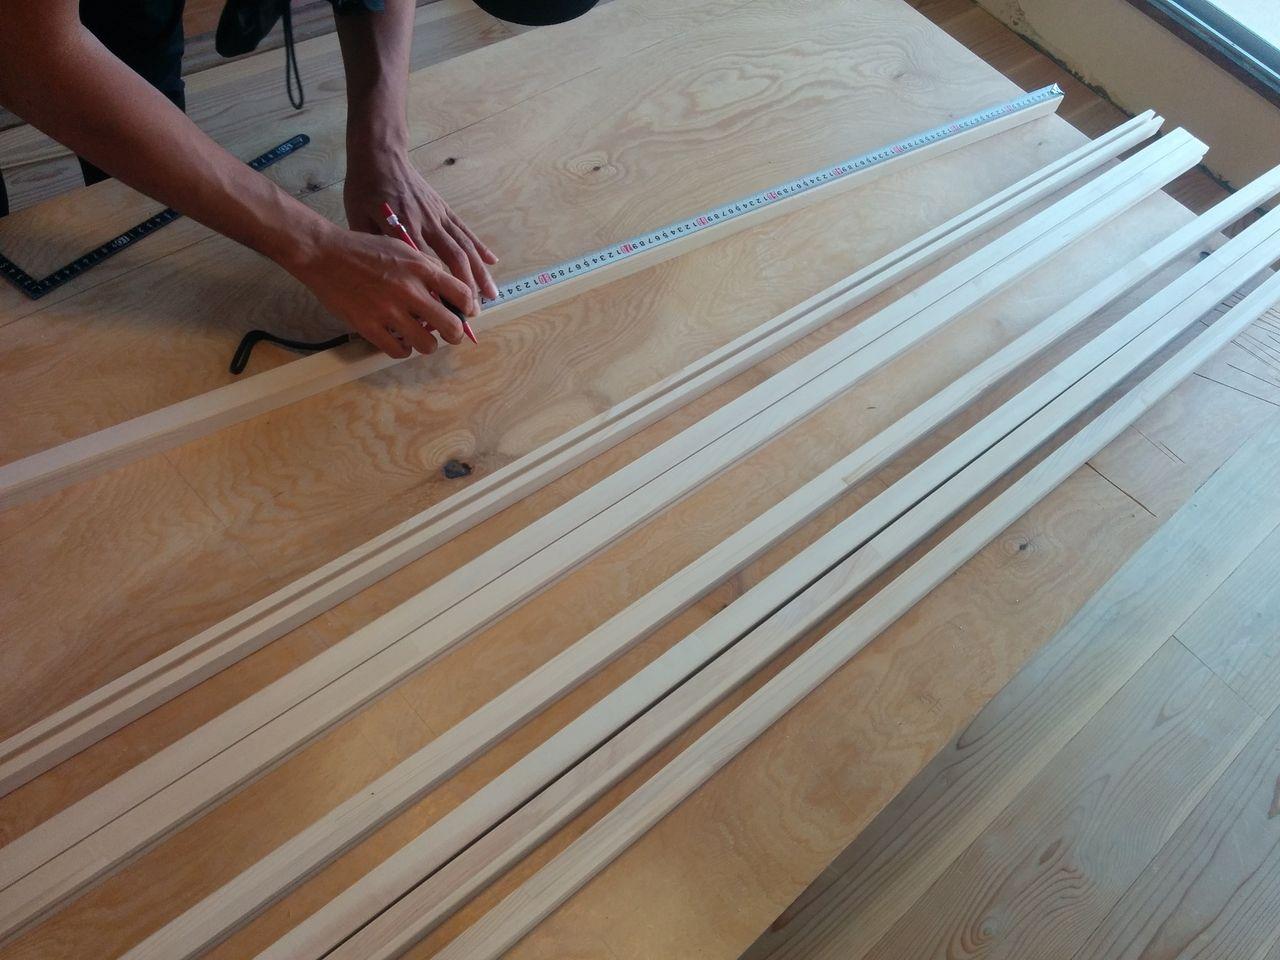 ほんのり透明な引戸を作る! Part2